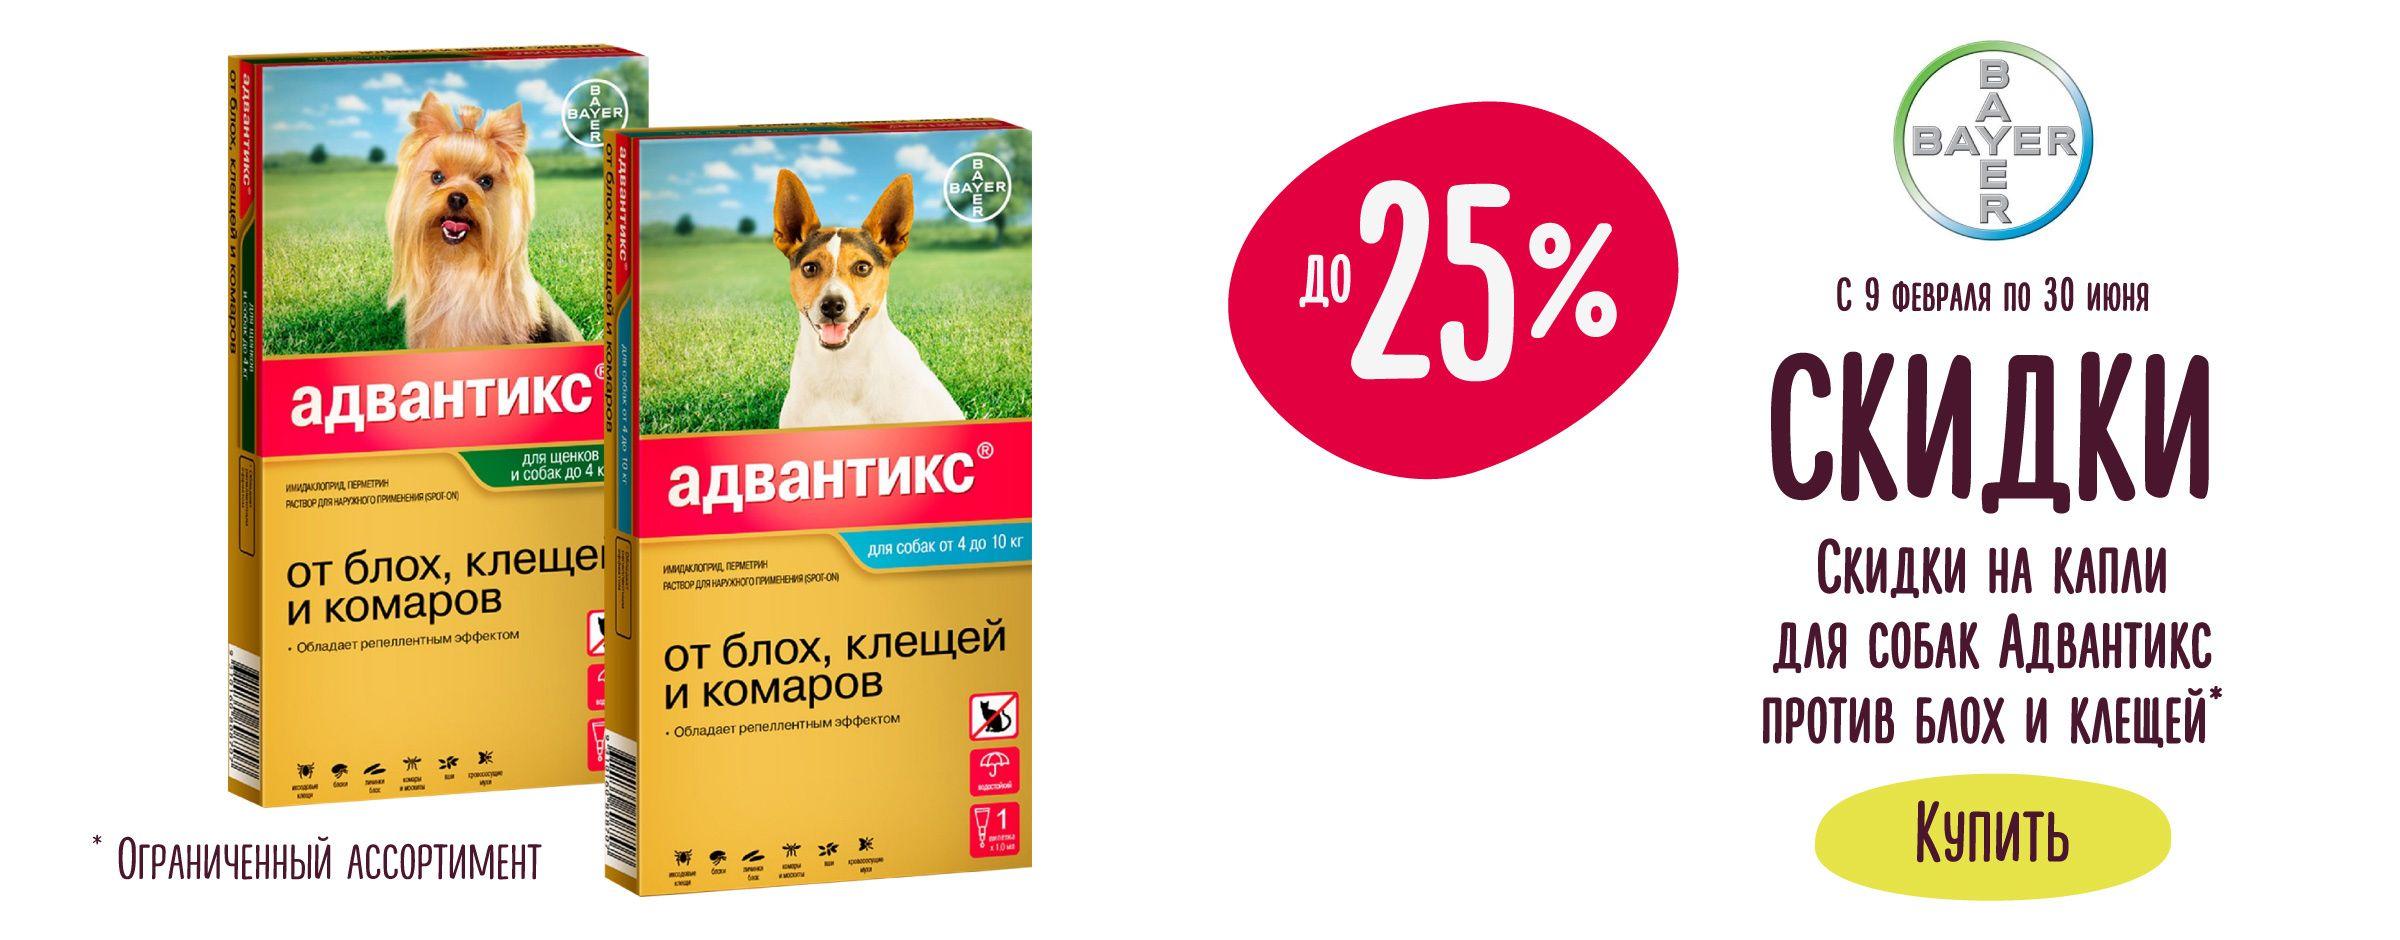 Скидки до 25% на капли для собак Адвантикс